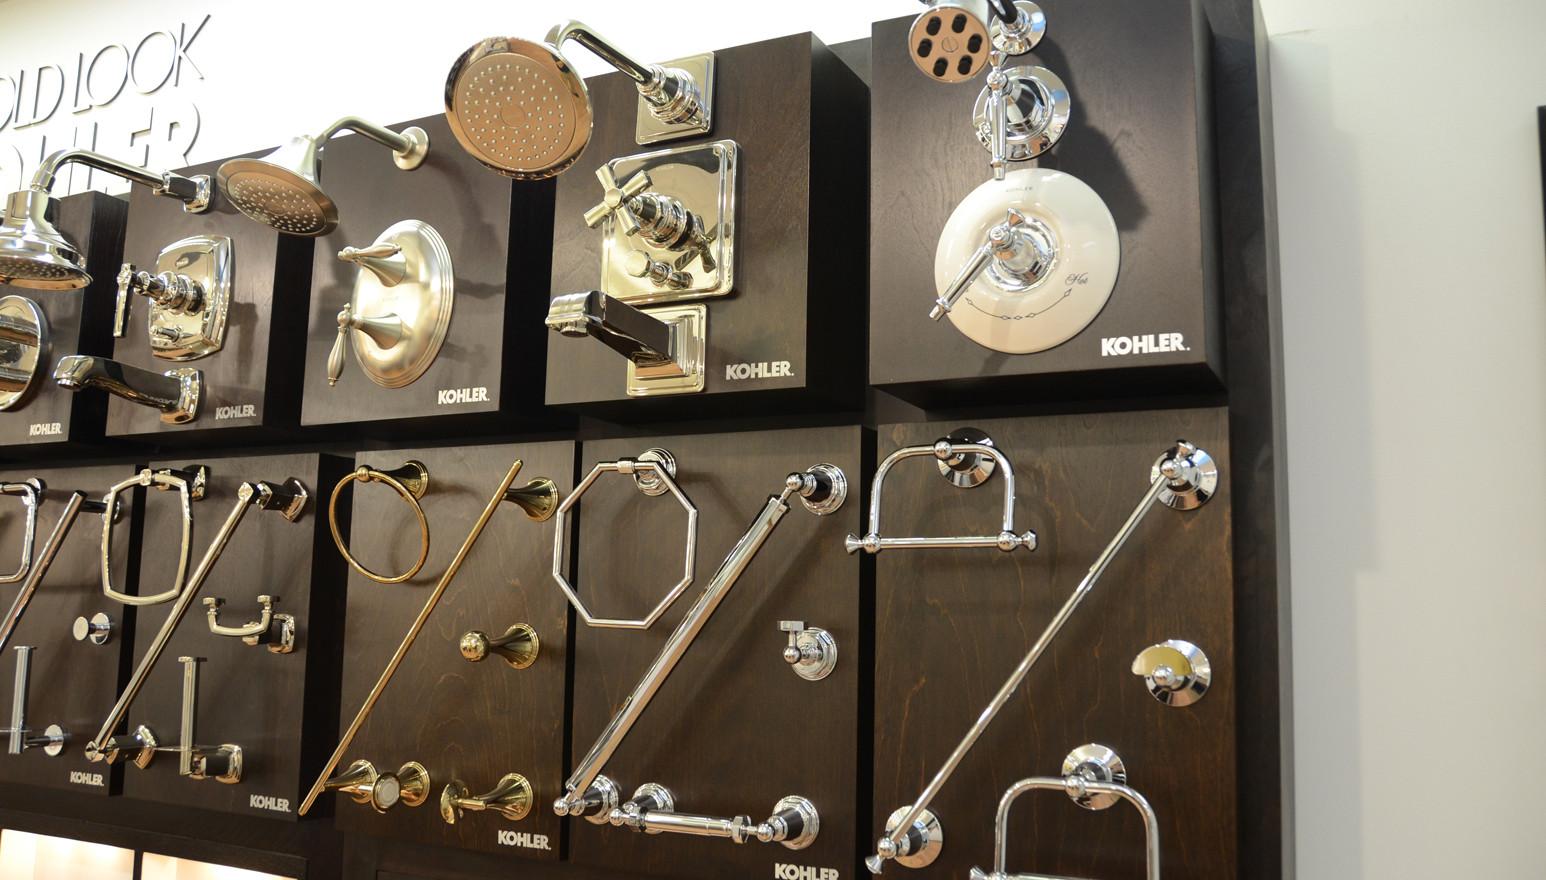 Kohler Trim & Accessories